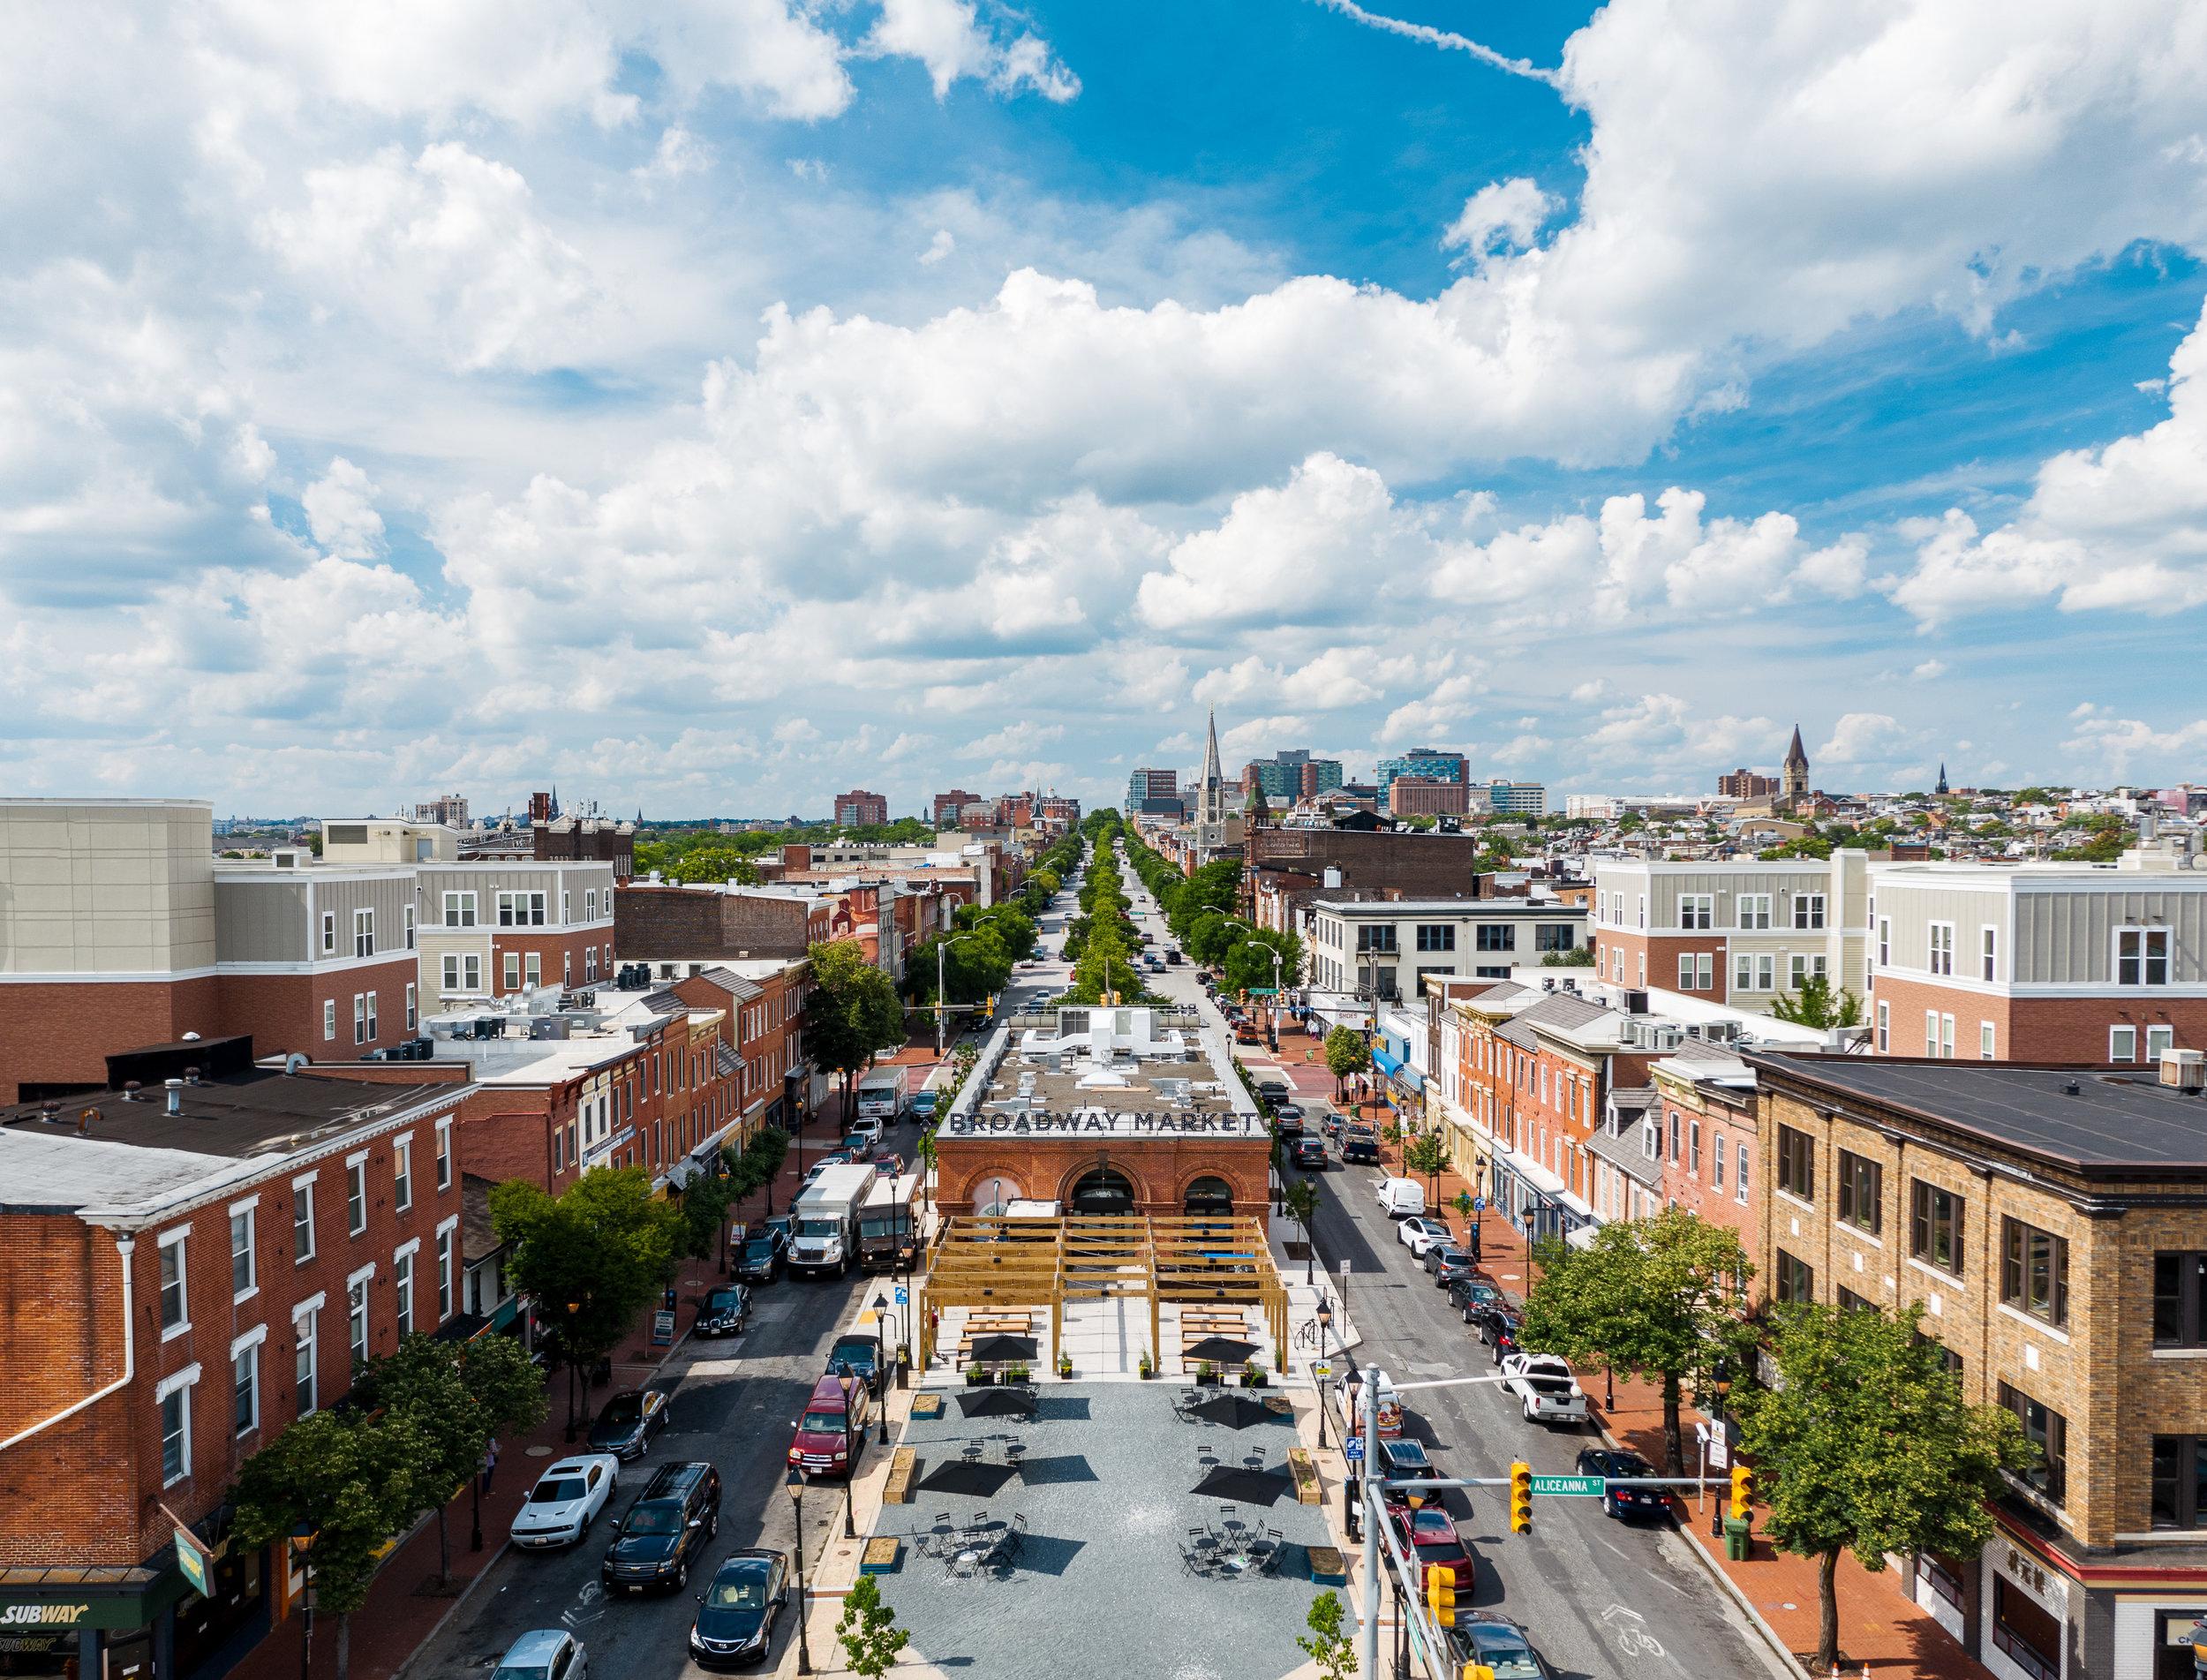 TBC Broadway Market June 2019_Drone_10.jpg